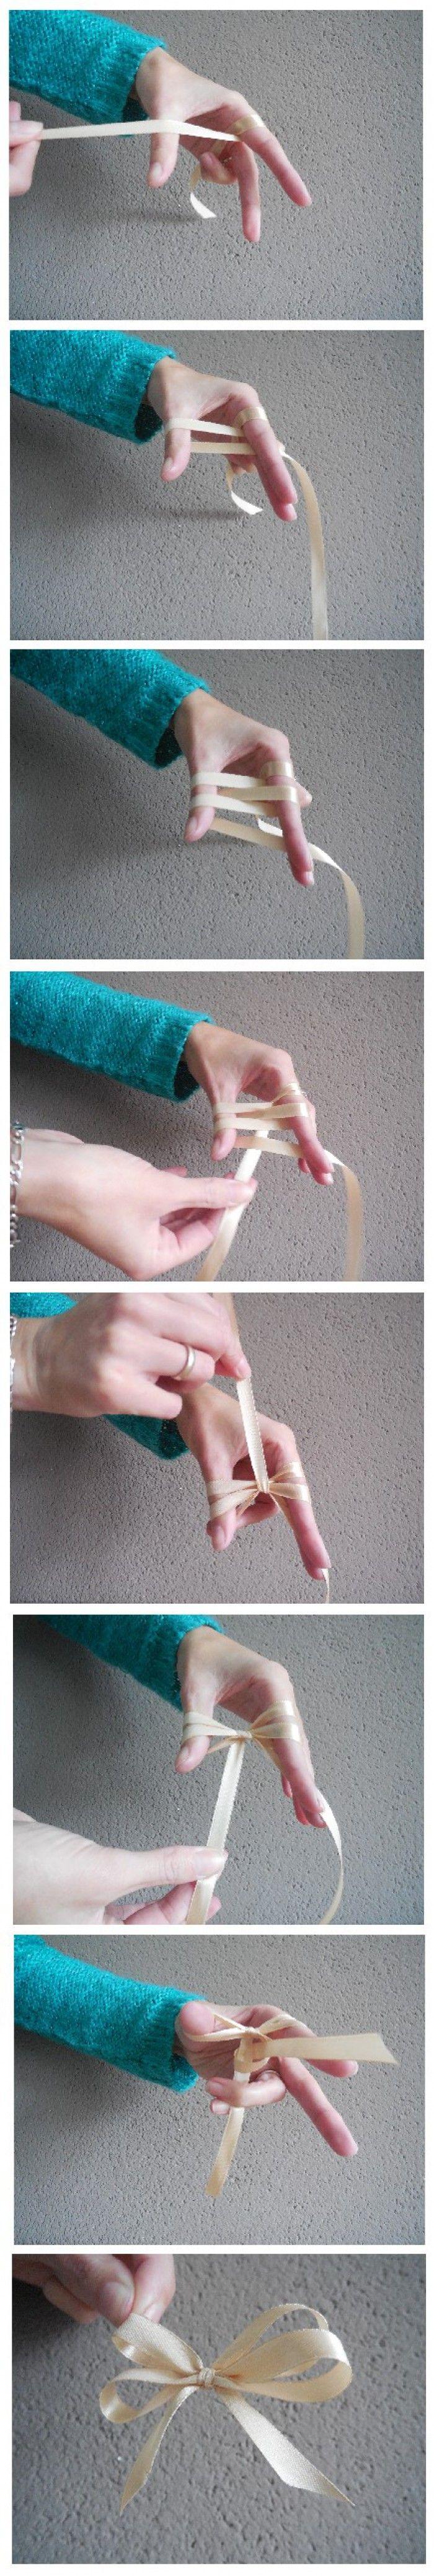 Makkelijk zelf met een strik met dubbele lus maken, Ik hoop dat ik het duidelijk op de foto heb gezet.